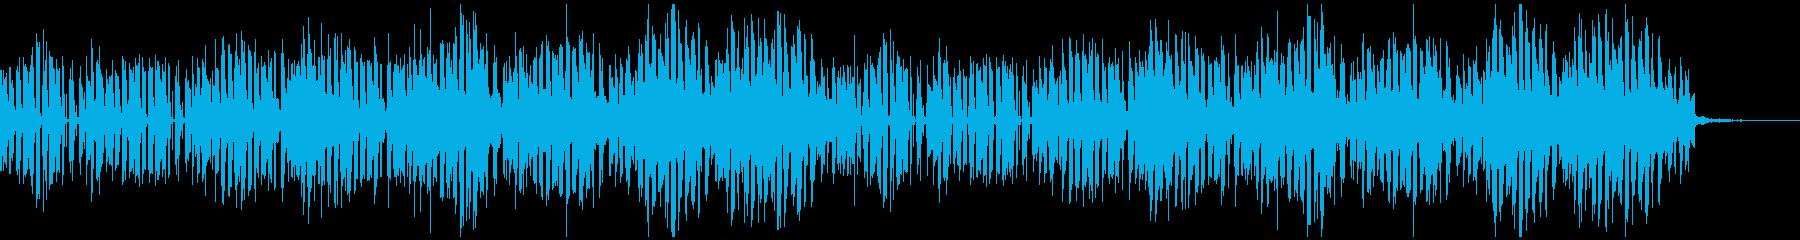 ミステリアスなエレクトロミュージックの再生済みの波形